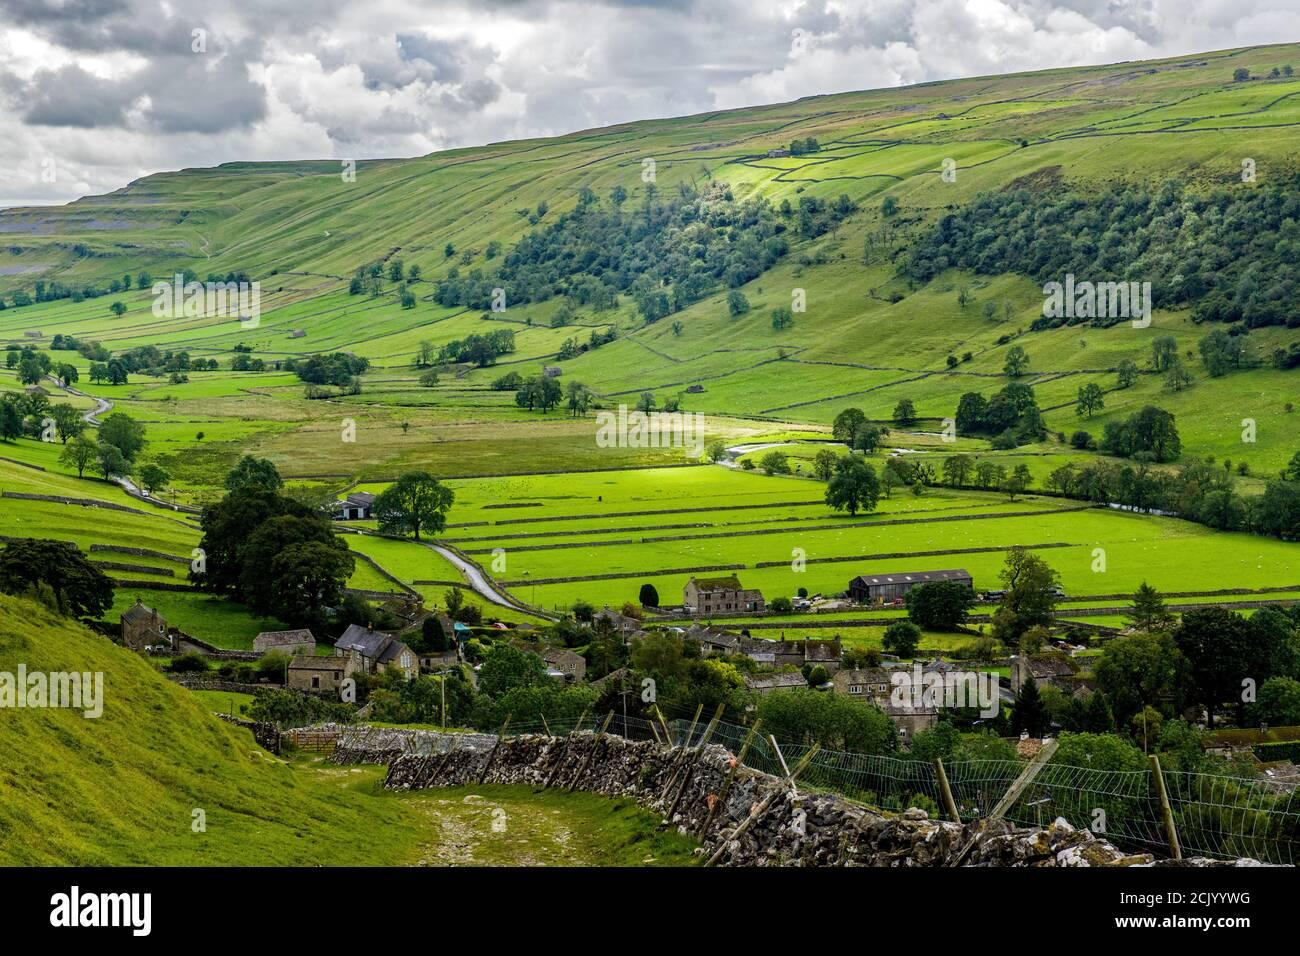 Mirando hacia abajo en Starbotton en el valle Alto Wharfedale en el Parque Nacional Yorkshire Dales, North West Yorkshire en un día de septiembre. Foto de stock